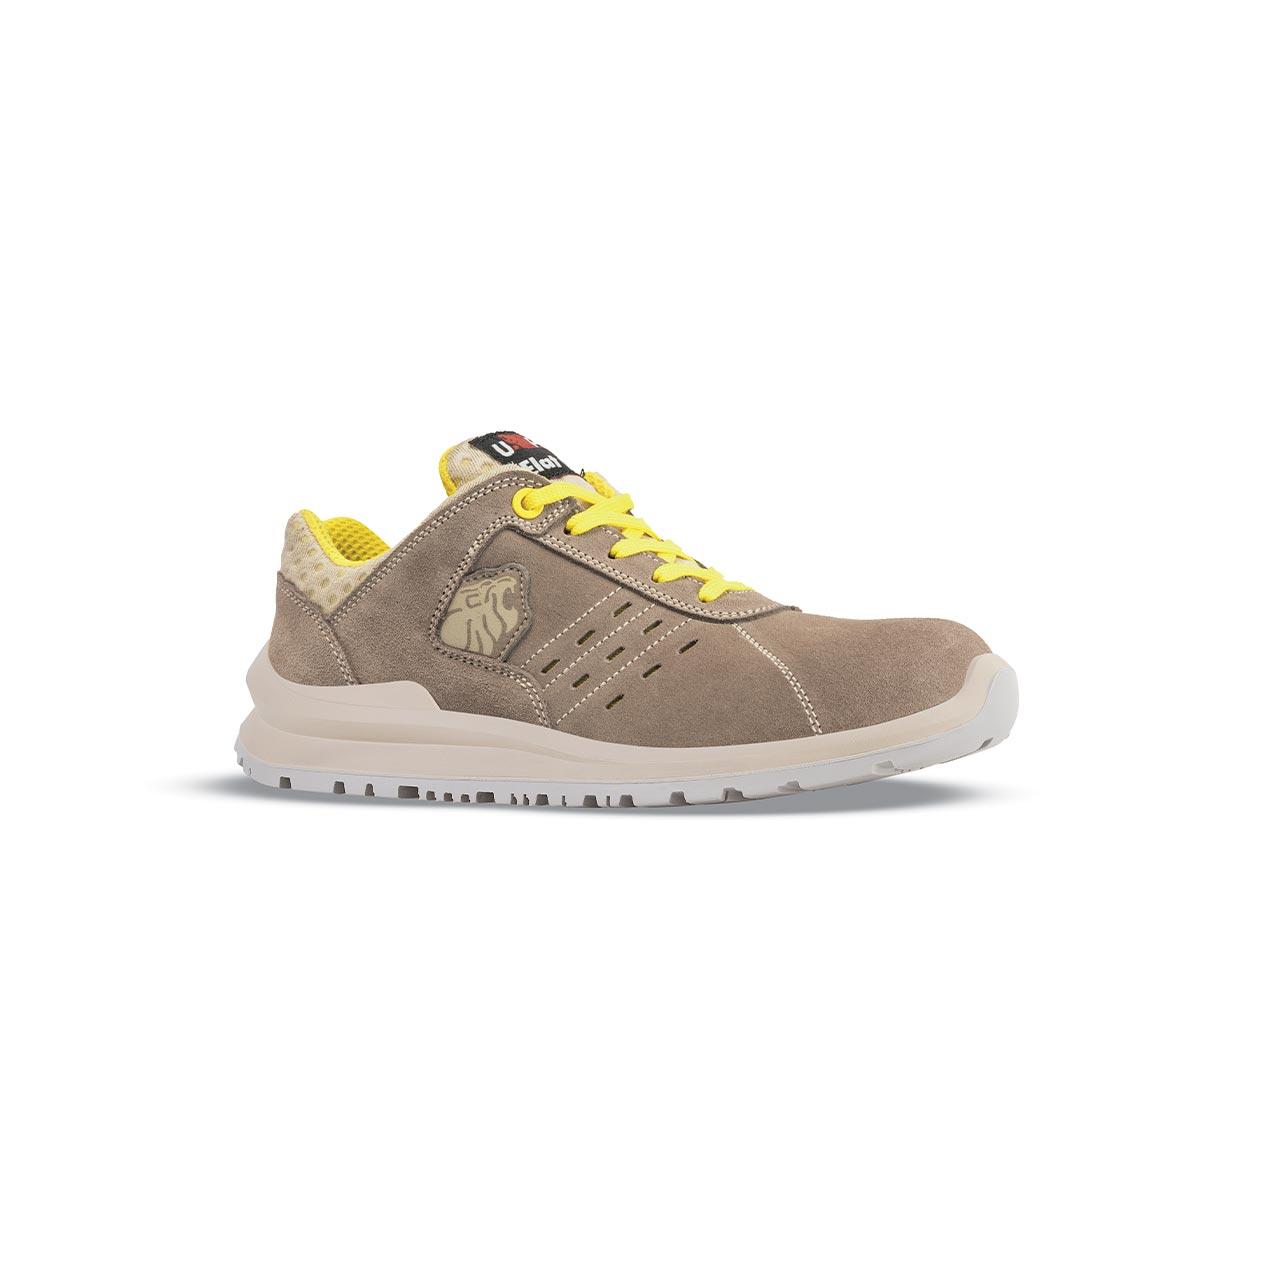 scarpa antinfortunistica upower modello tommy linea flatout vista laterale